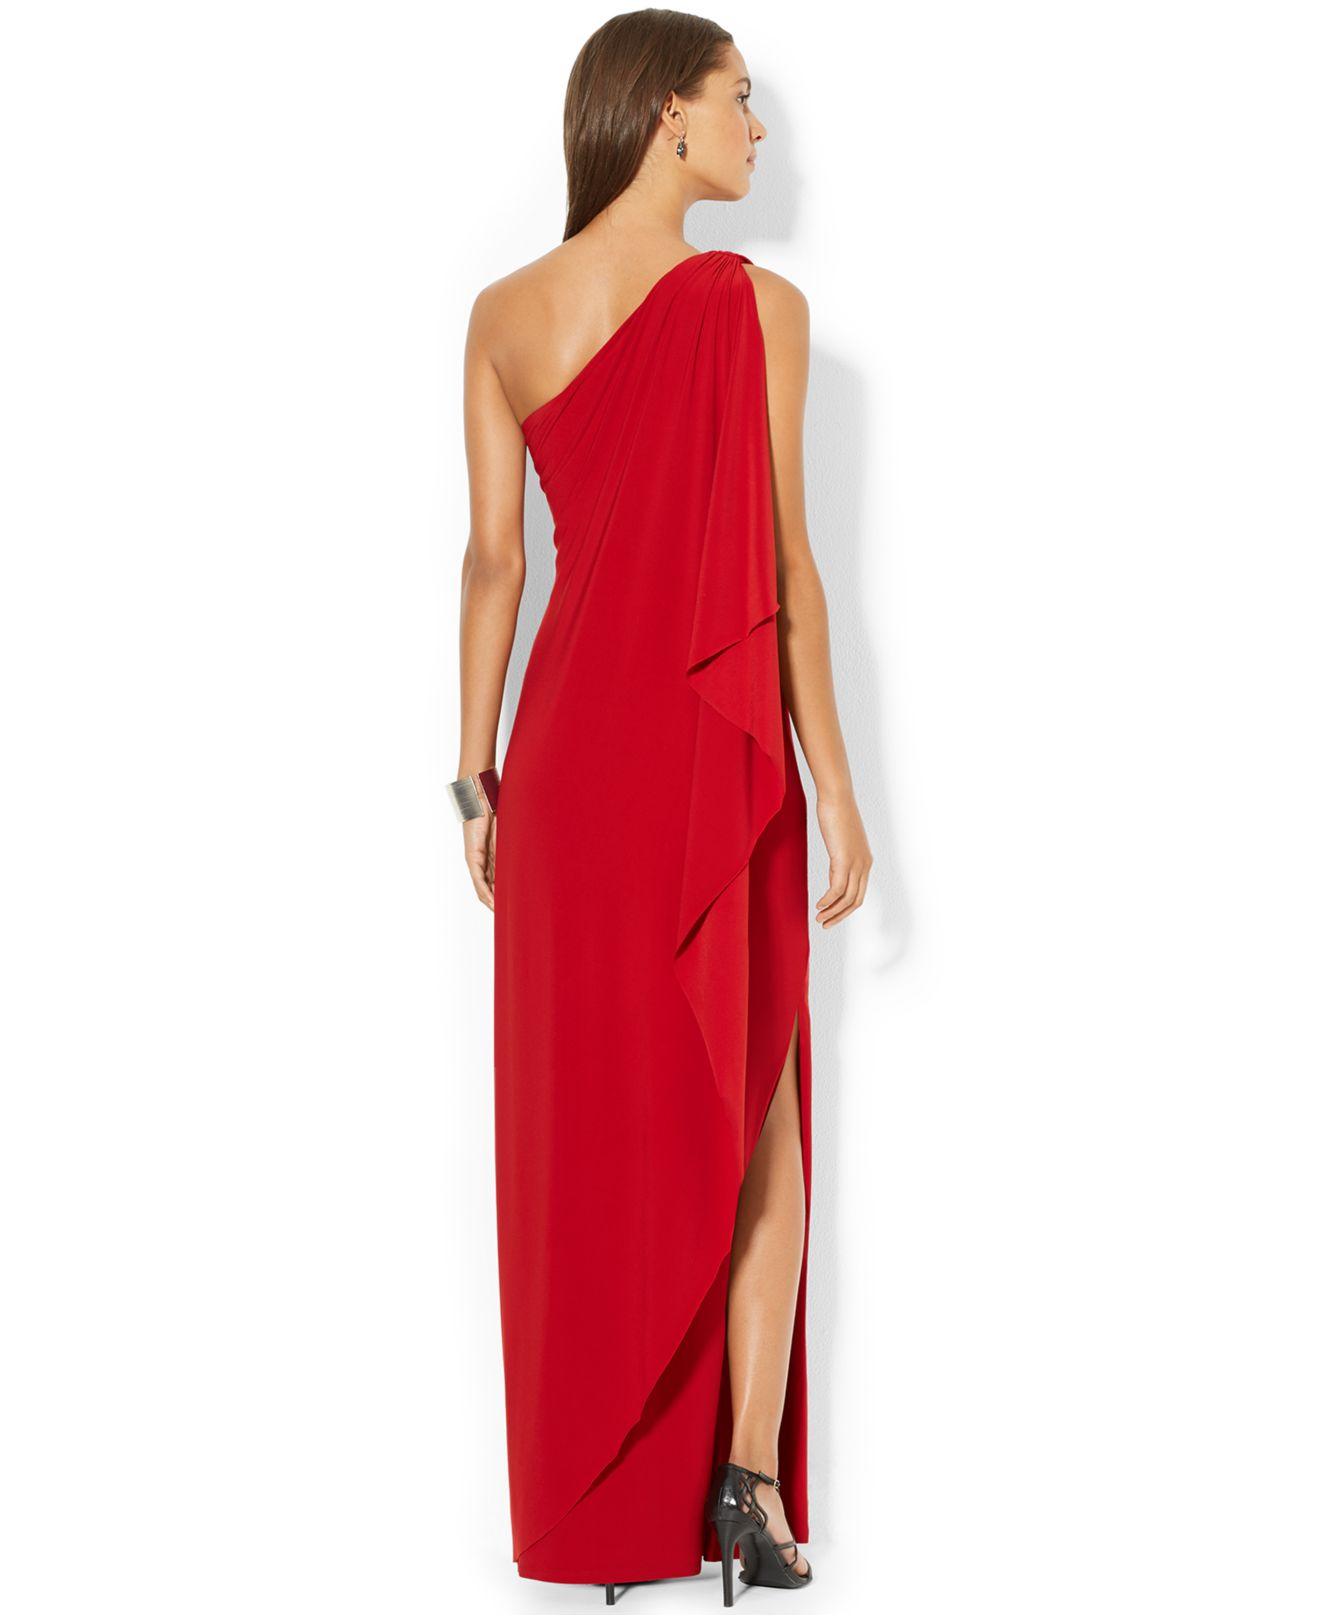 Lauren By Ralph Lauren One Shoulder Draped Gown In Red Lyst